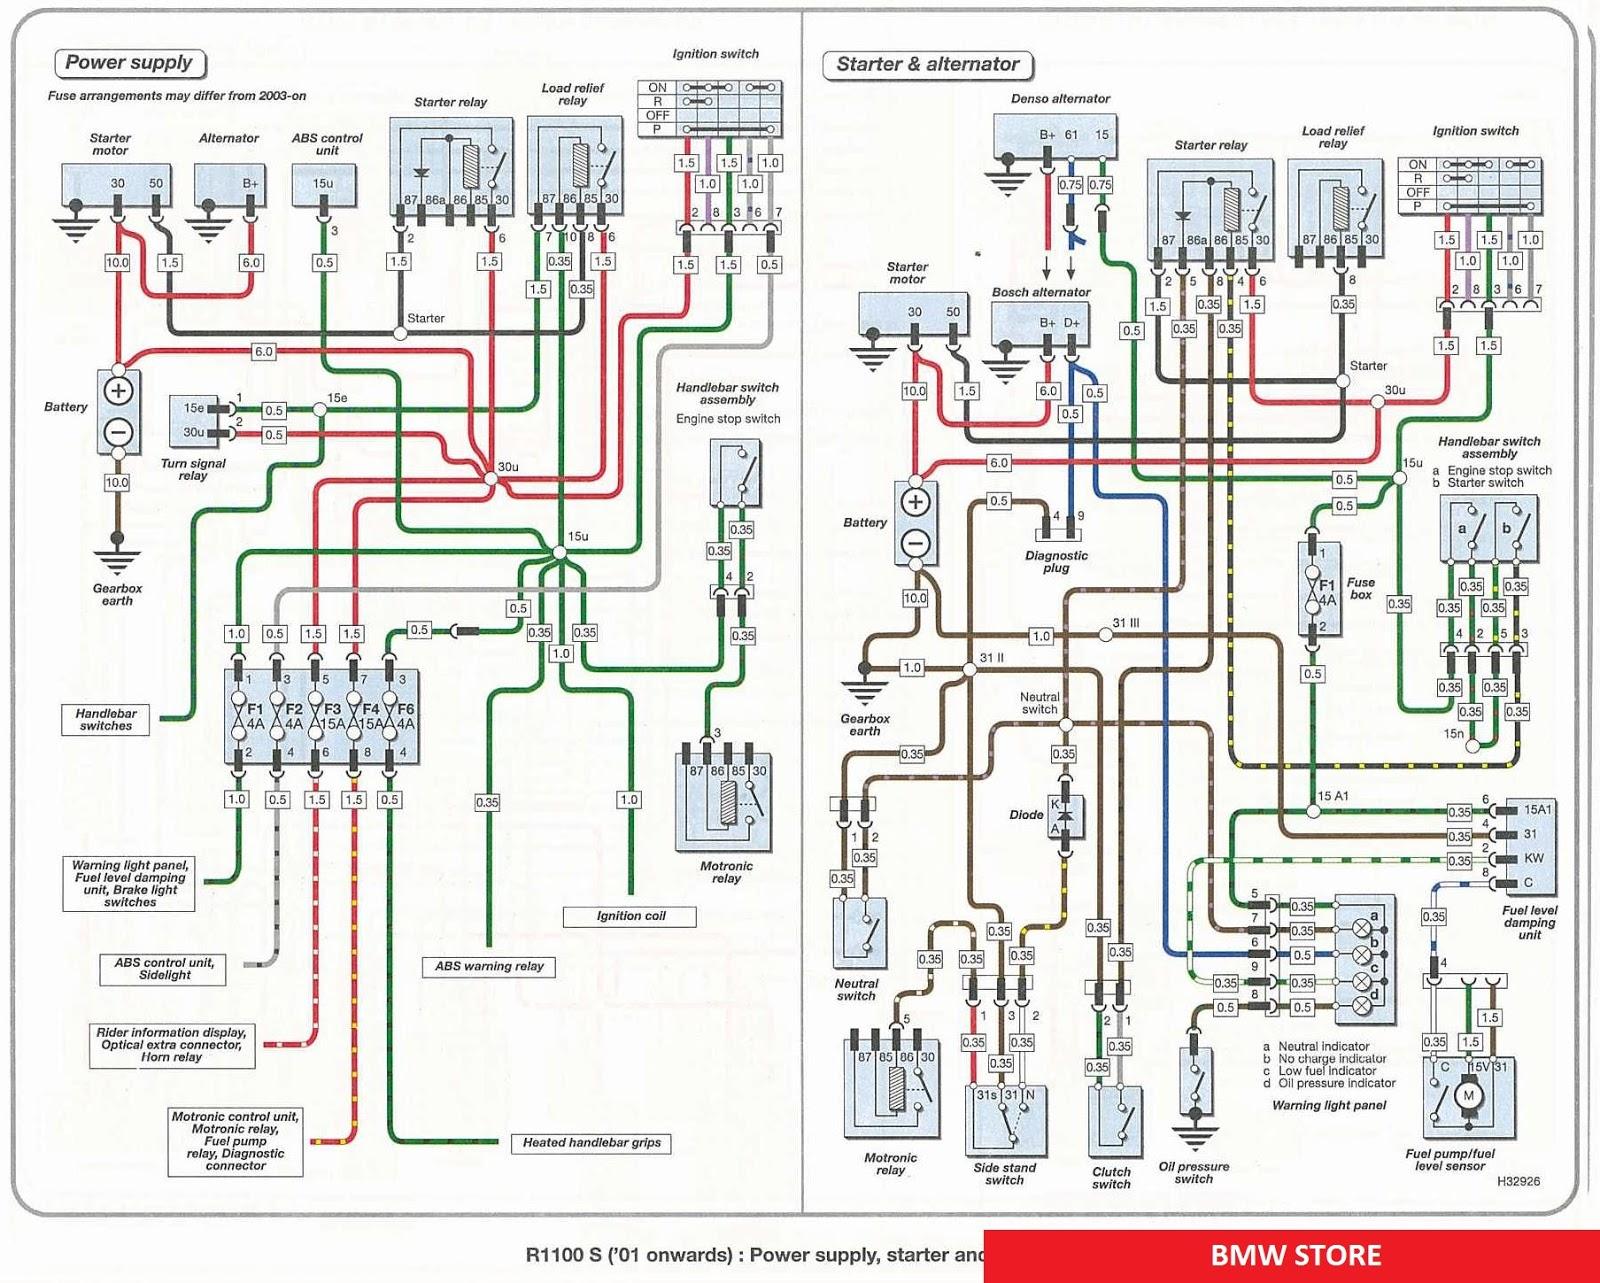 medium resolution of bmw r1150r wiring diagram home wiring diagram bmw r1150r wiring diagram